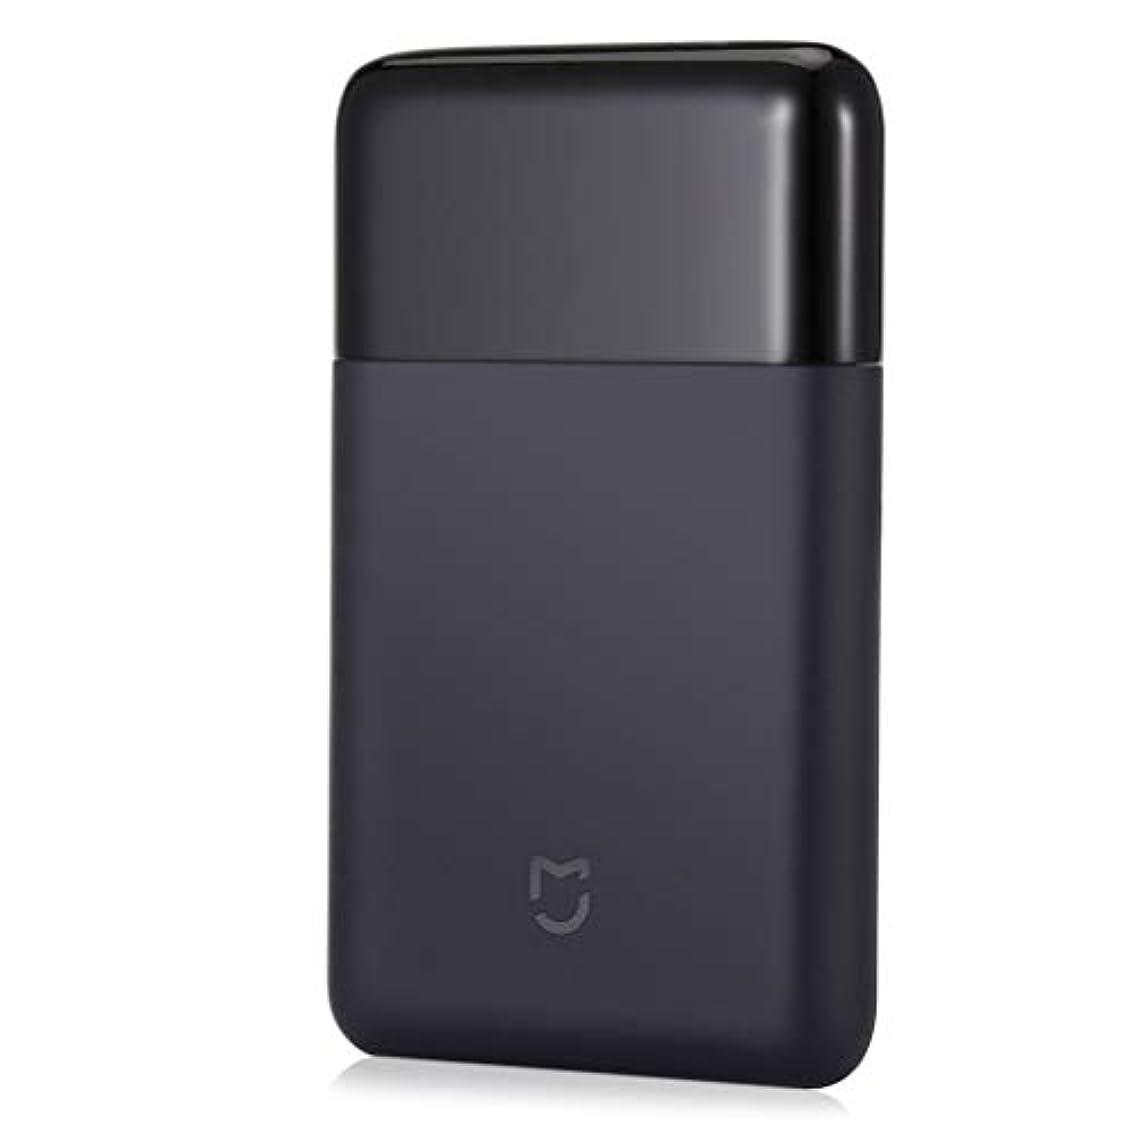 不振漏れ節約のための取り外し可能なカミソリカッターを旅行充電式ポータブル電気シェーバーカミソリスチールメンズアウトドア